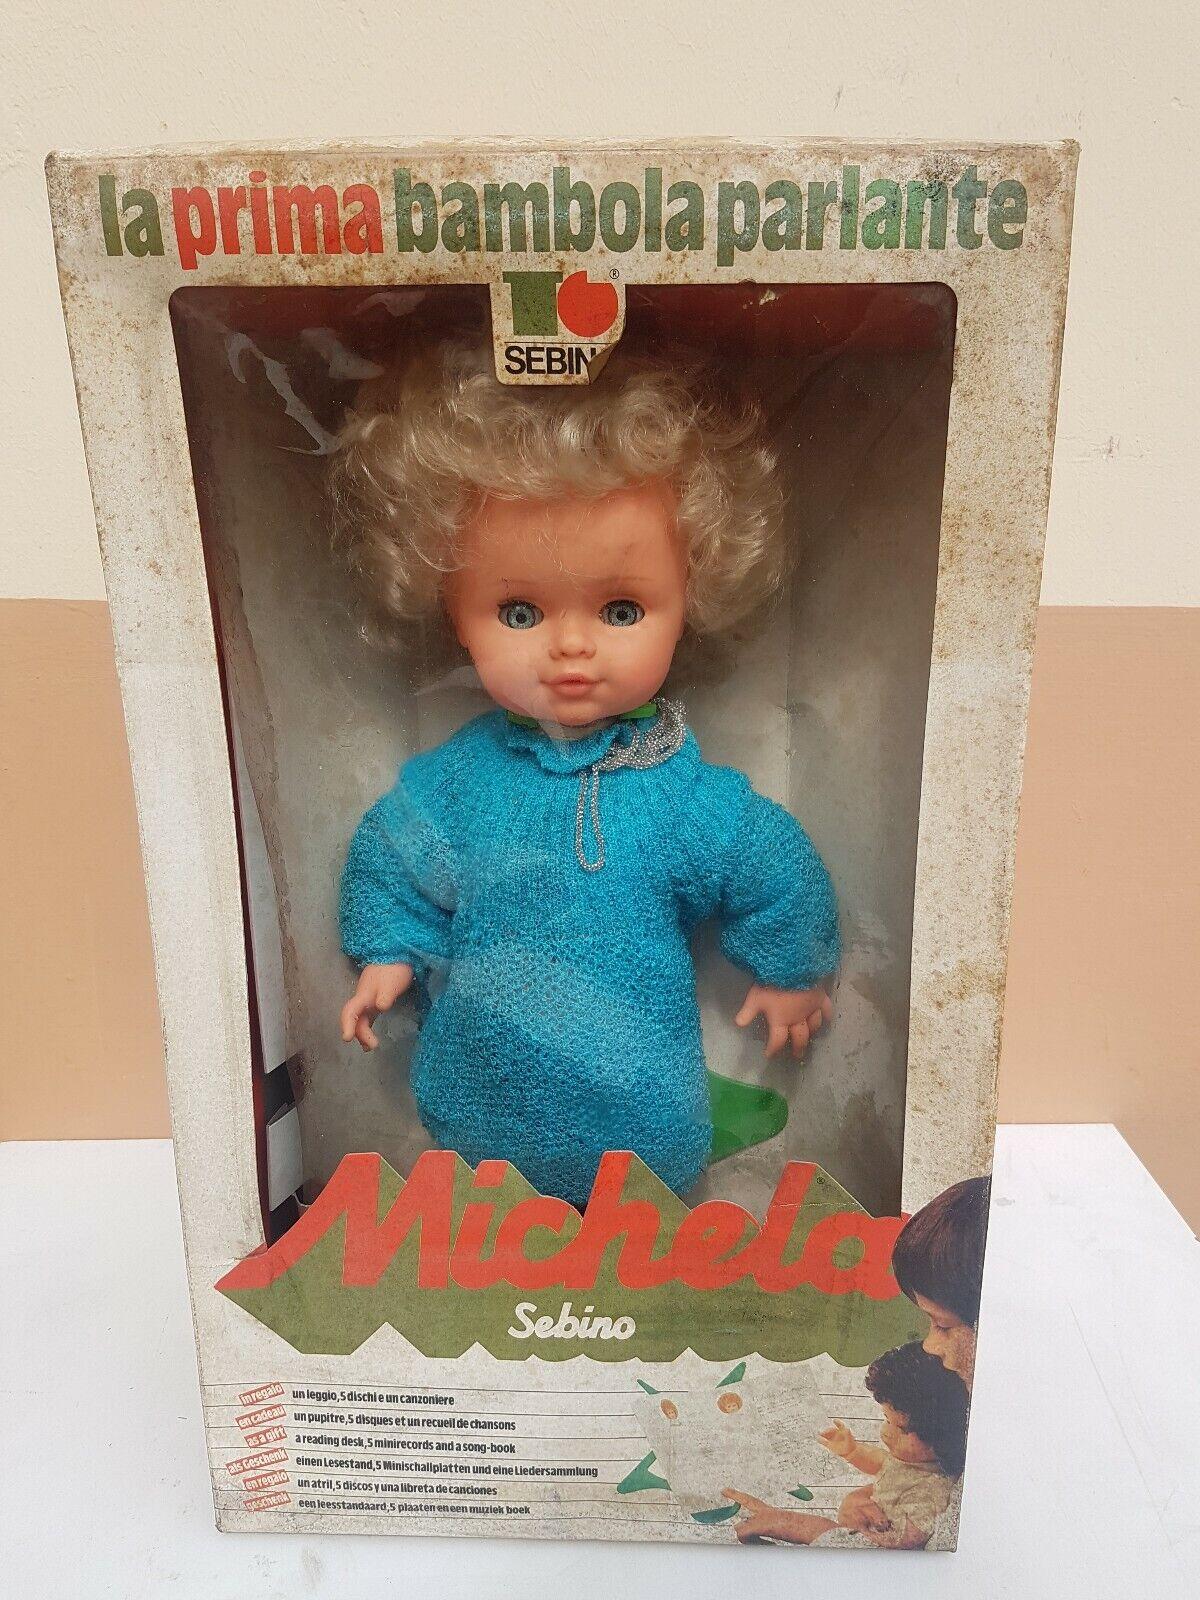 Bambola MICHELA Sebino,  La Prima Bambola Parlante  merce di alta qualità e servizio conveniente e onesto